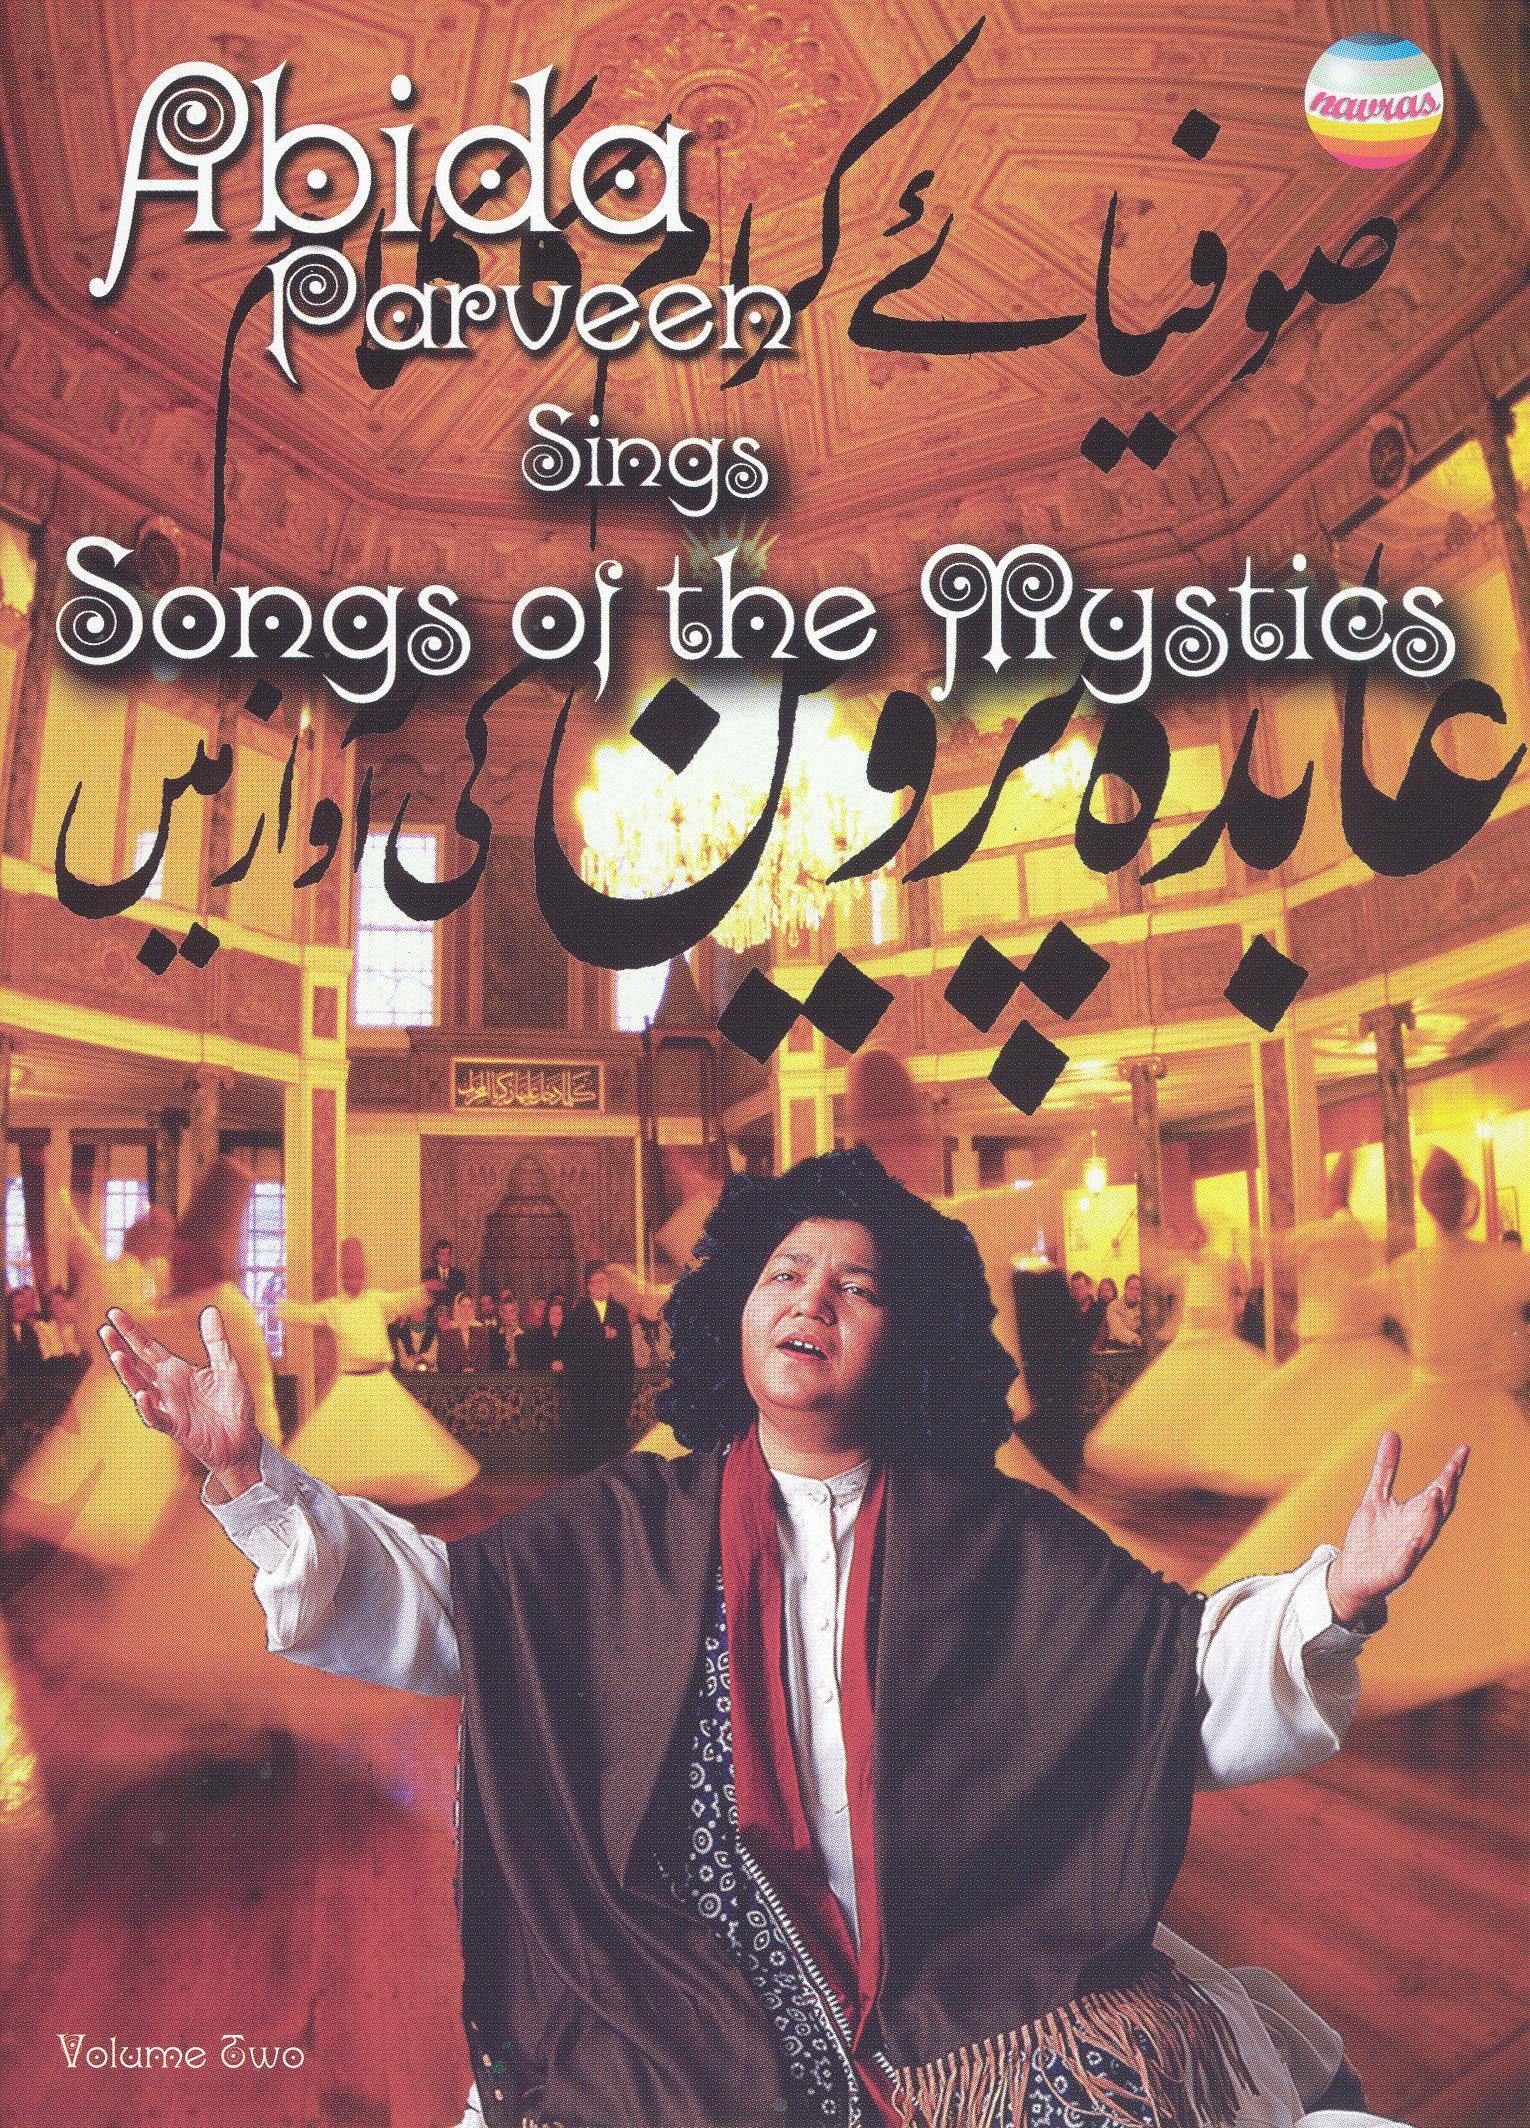 Abida Parveen Sings Songs of the Mystics, Vol. 2